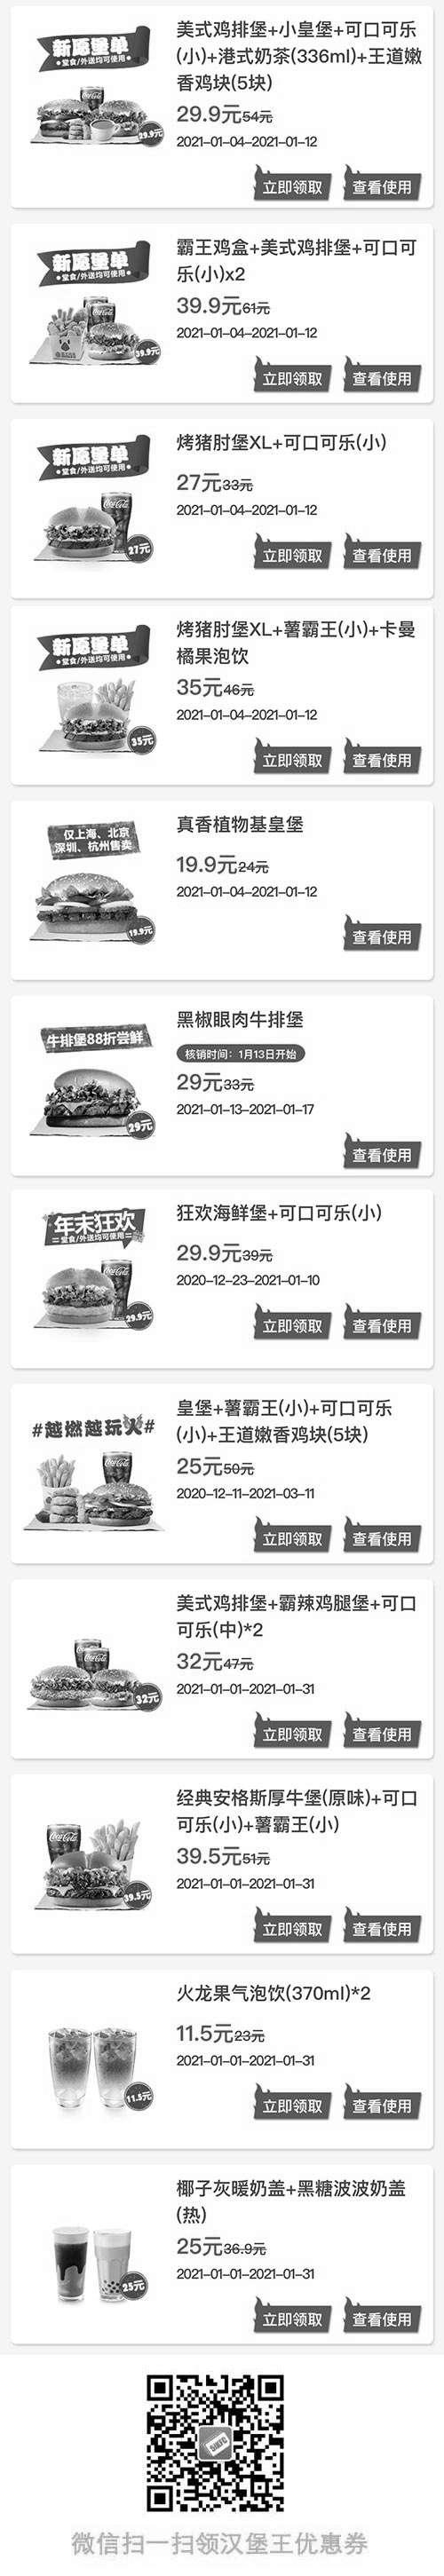 黑白优惠券图片:汉堡王优惠券2021年1月全国版 新愿堡单套餐27元起 - www.5ikfc.com